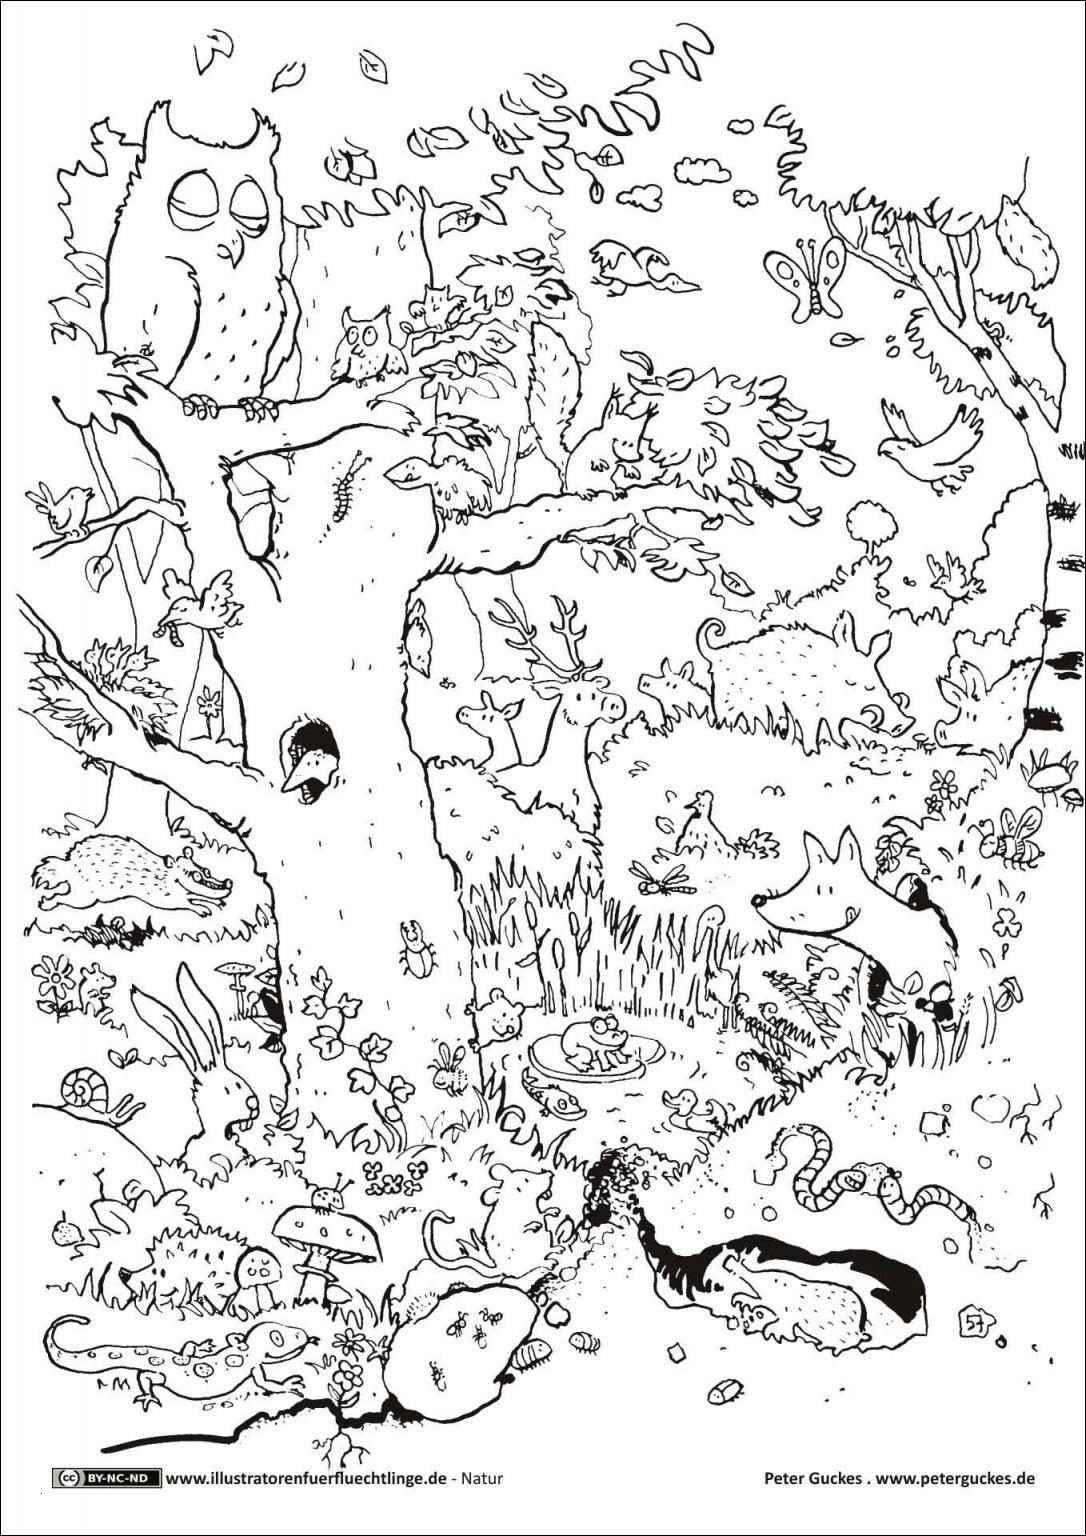 Ausmalbilder Tiere Im Dschungel Neu Bilder Zum Ausmalen Tiere Vorstellung Bayern Ausmalbilder Neu Igel Das Bild